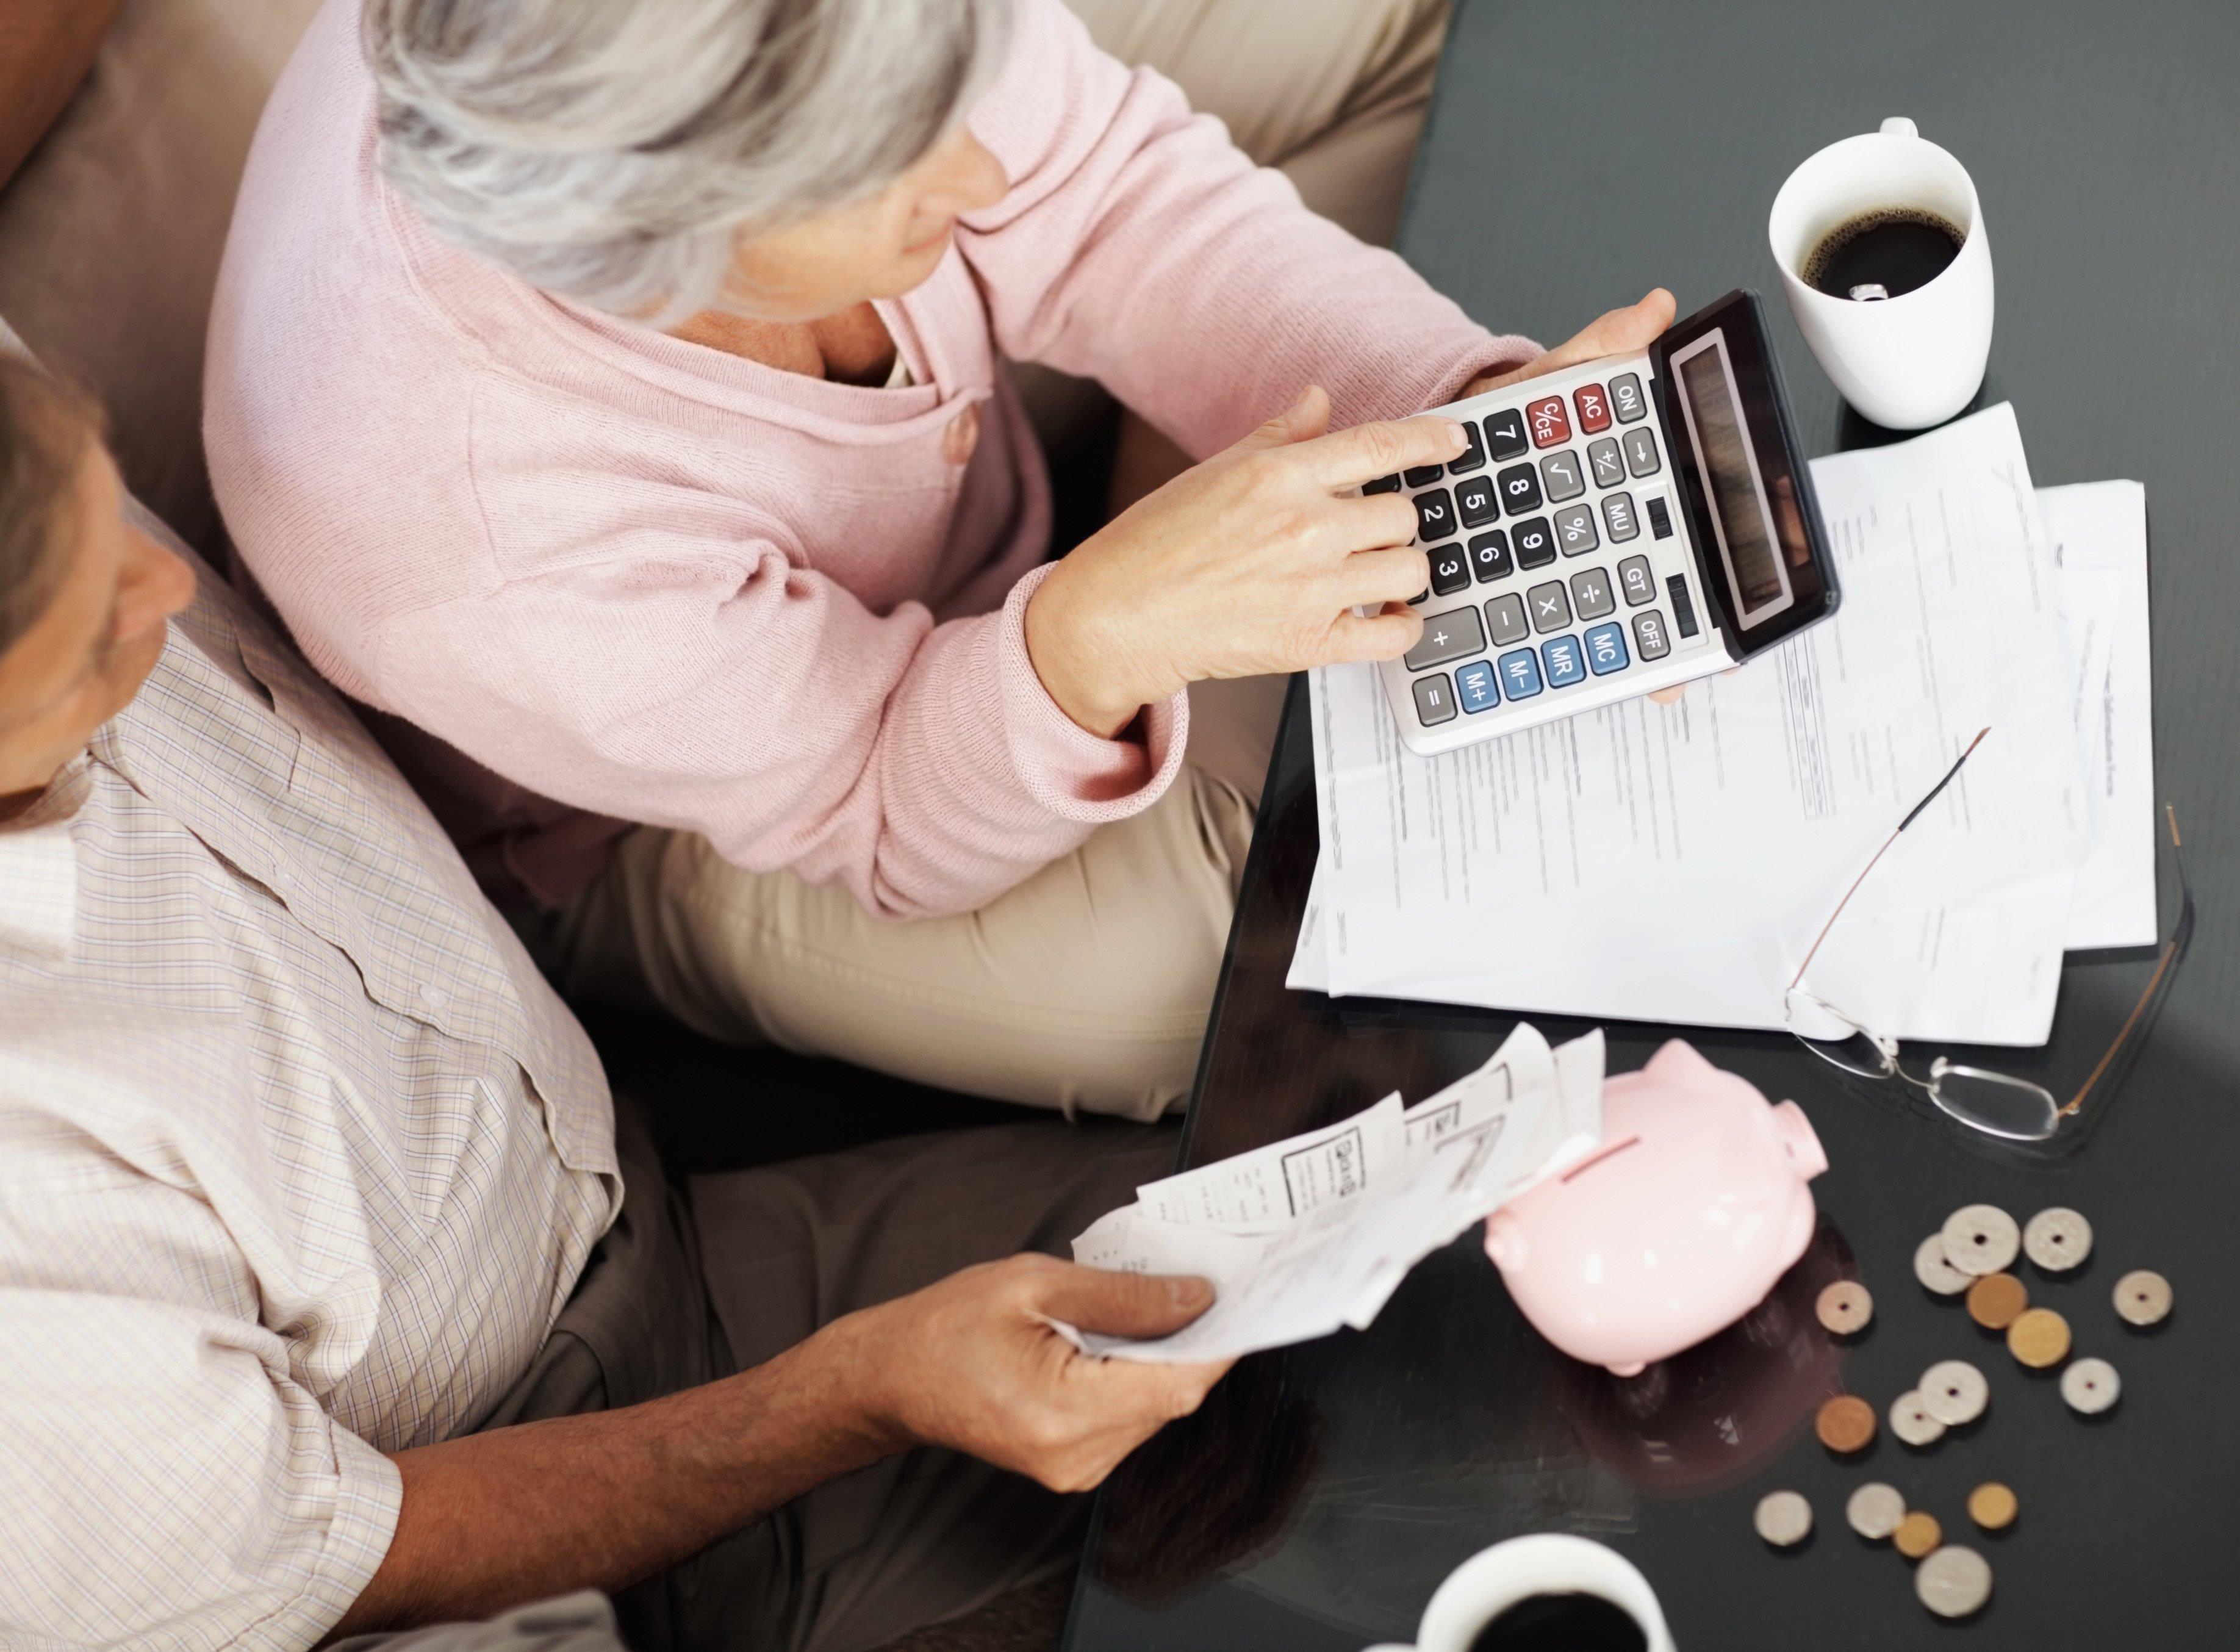 Доплата за коммунальные услуги пенсионерам